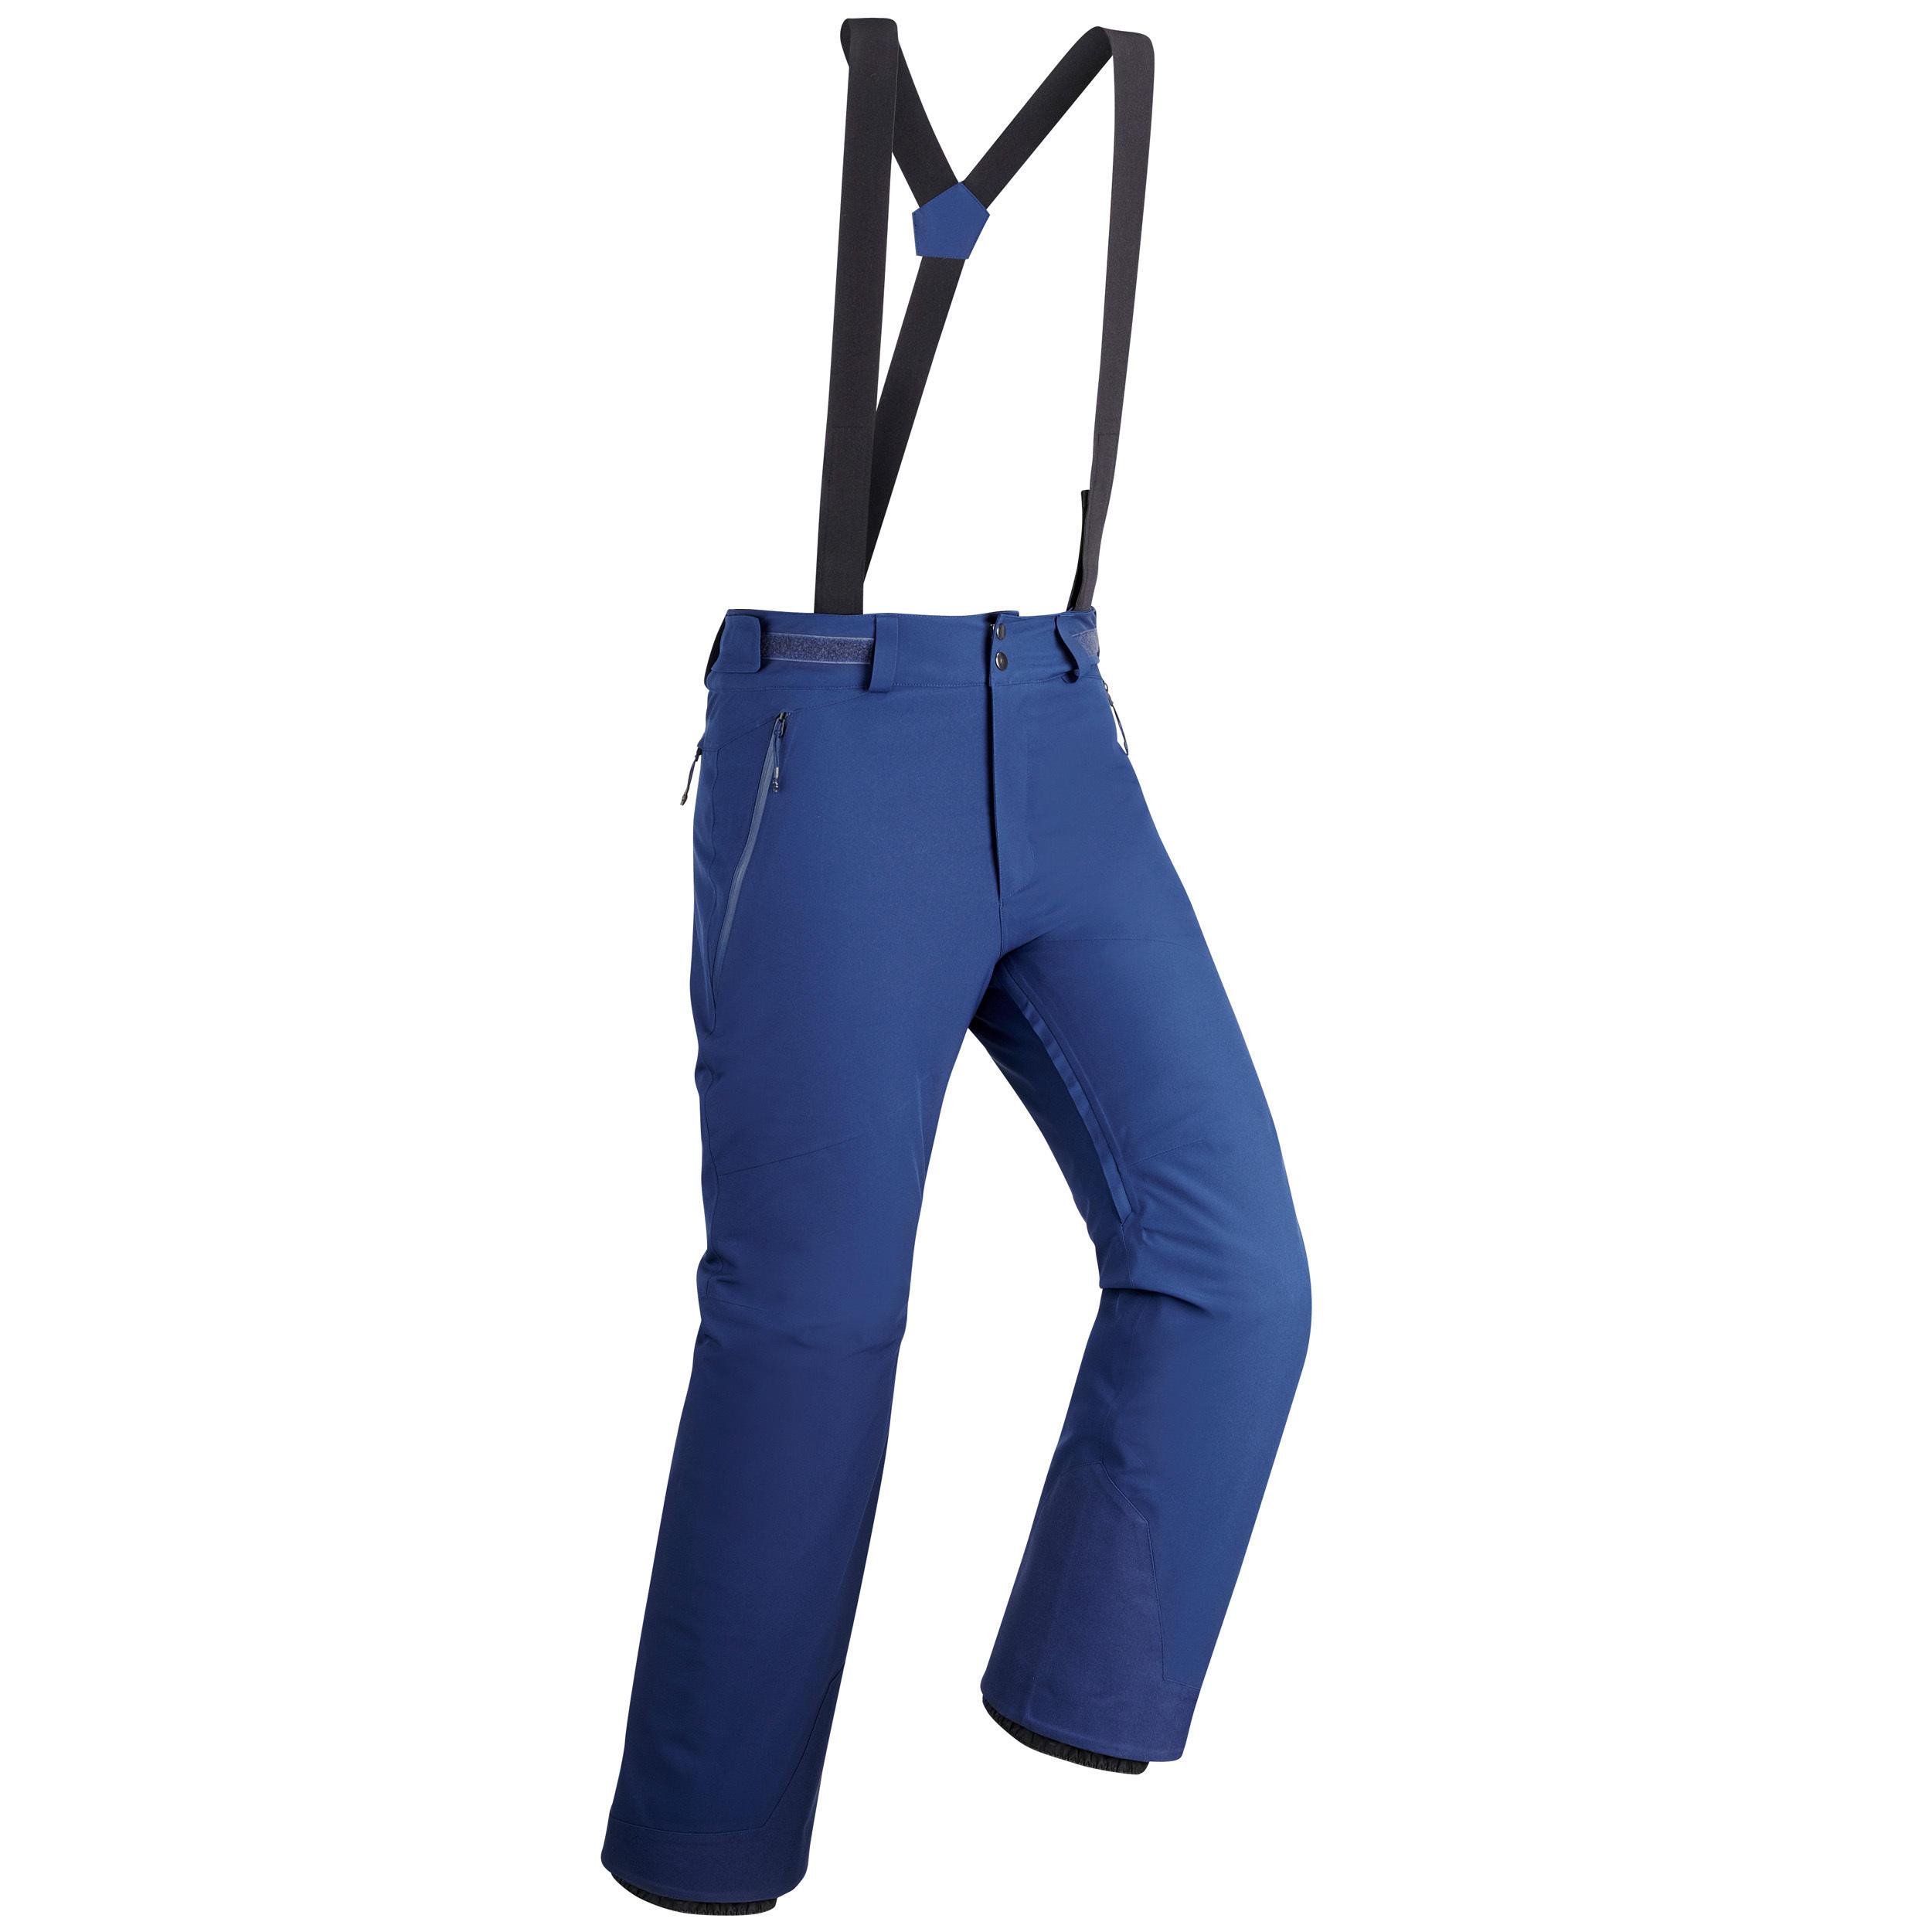 Pantalon Schi 580 Bărbați imagine